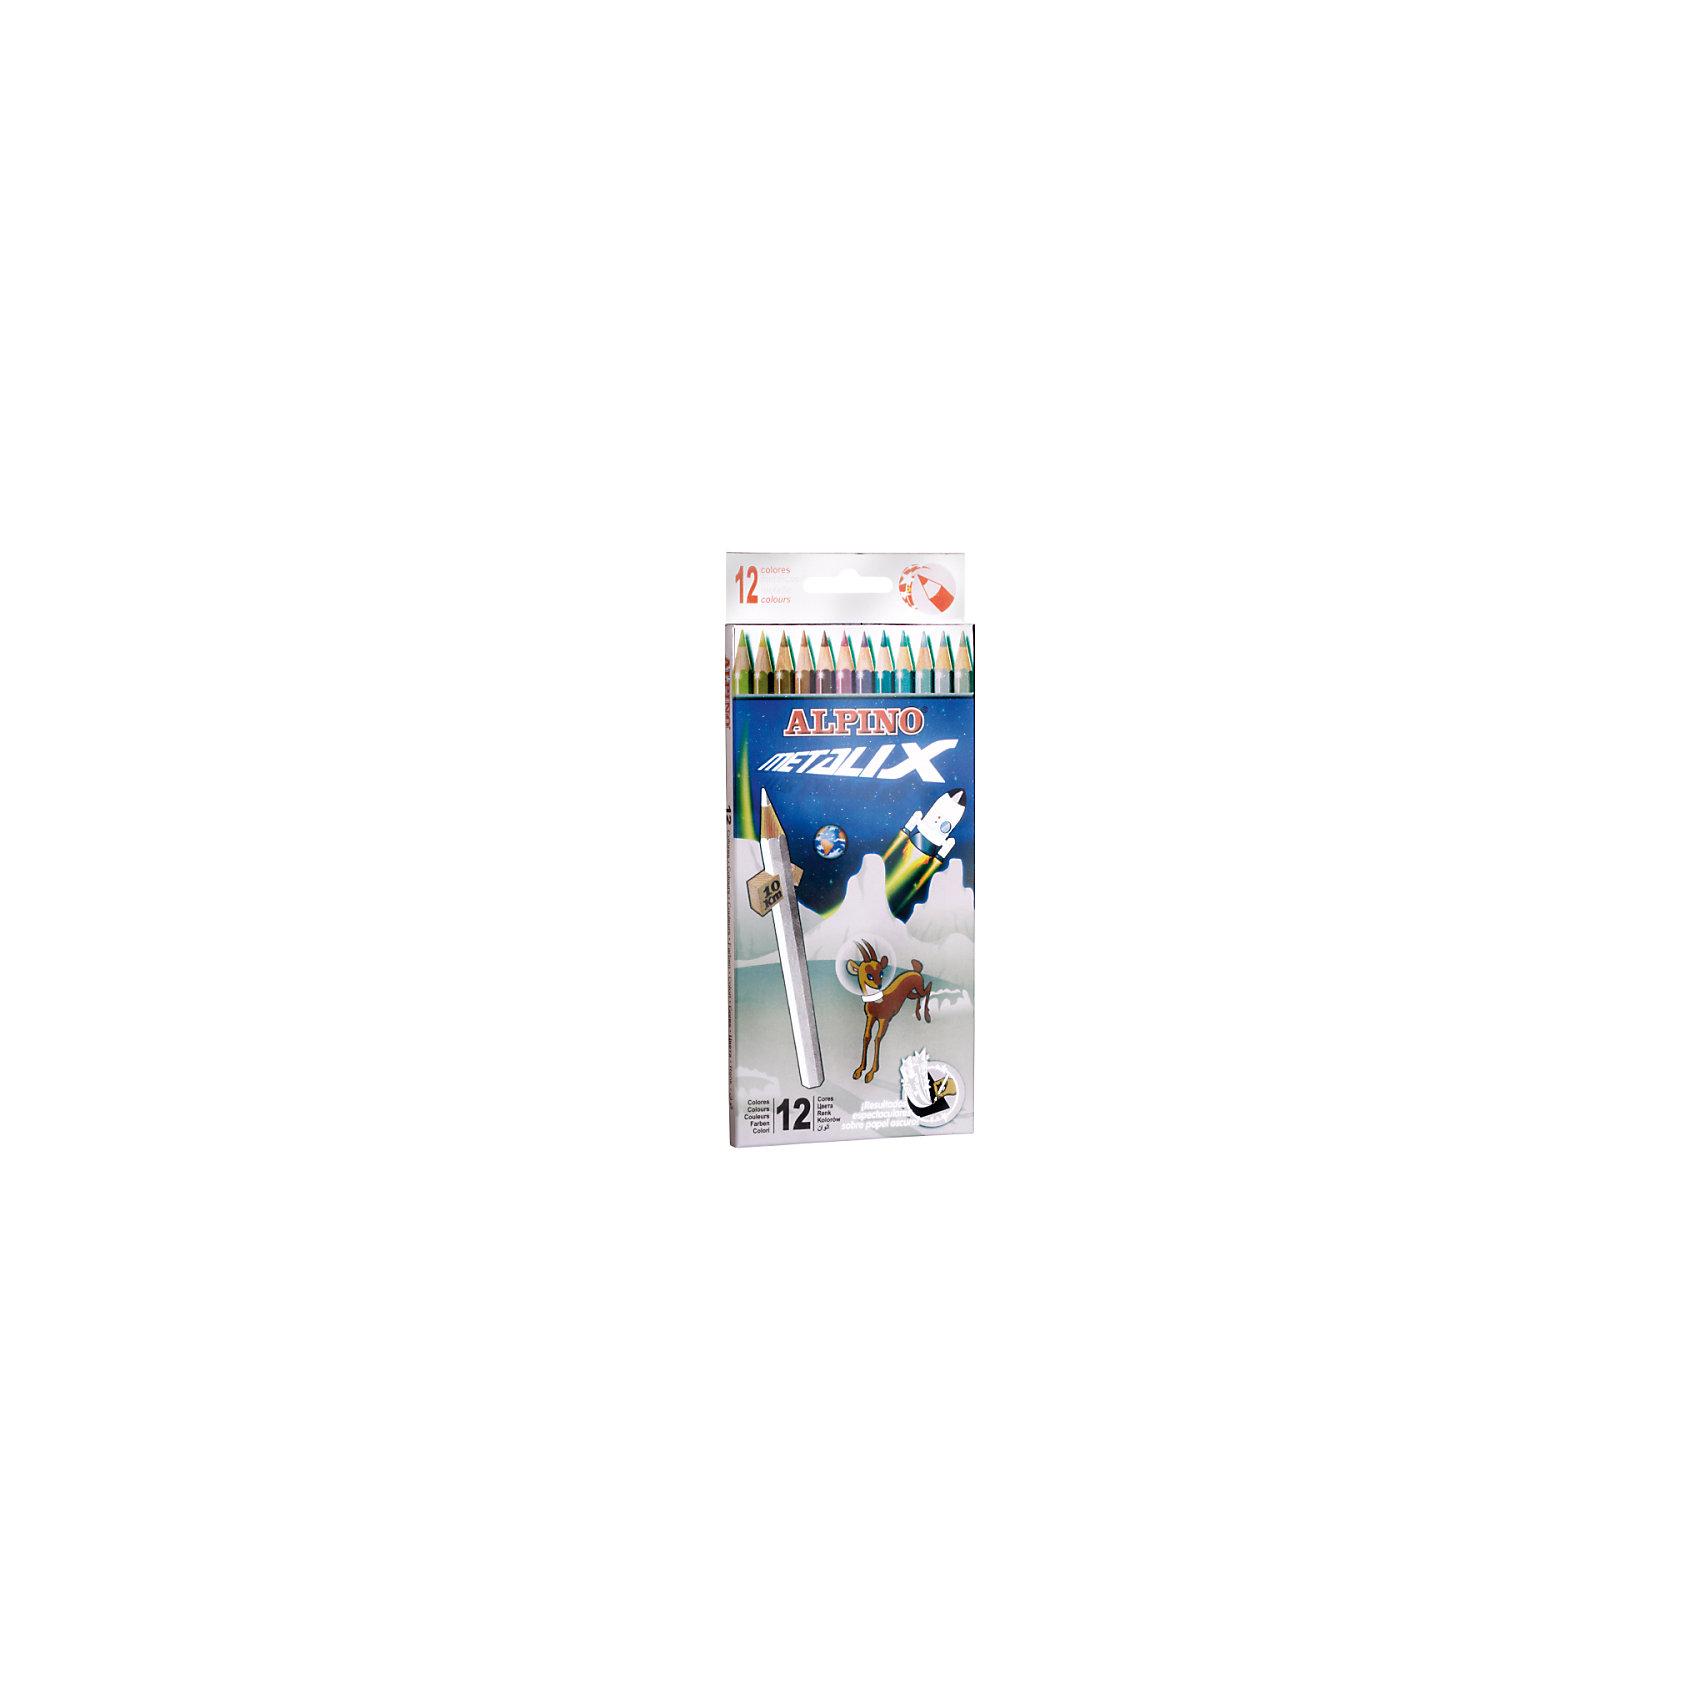 Цветные шестигранные карандаши METALIX (с металлизированным эффектом цвета), 12 цв.Письменные принадлежности<br>Изготовлены из натуральных материалов по европейским стандартам качества (CE)<br>Параметры карандашей - диаметр корпуса: 6,9 мм, диаметр грифеля: 3 мм<br>Грифель даёт чистые, яркие и насыщенные цвета<br>Особенно интересные (фантастические) эффекты каждого цвета получаются на бумаге или картоне тёмных цветов. Рисование доставит истинное удовольствие детям и взрослым, а изображения зимних, ночных и вечерних сюжетов, а также водной стихии, подводного мира и космоса будут необыкновенно выразительны и удивительно правдоподобны<br>Легко отстирывается с большинства обычных тканей<br>Поломку грифеля предупреждает специальная технология его вклеивания<br>Качественная древесина обеспечивает лёгкое затачивание при помощи стандартных точилок<br>Упаковка с европетлей<br>Производитель: ALPINO (Испания)<br><br>Ширина мм: 90<br>Глубина мм: 10<br>Высота мм: 217<br>Вес г: 76<br>Возраст от месяцев: 36<br>Возраст до месяцев: 120<br>Пол: Унисекс<br>Возраст: Детский<br>SKU: 5389704